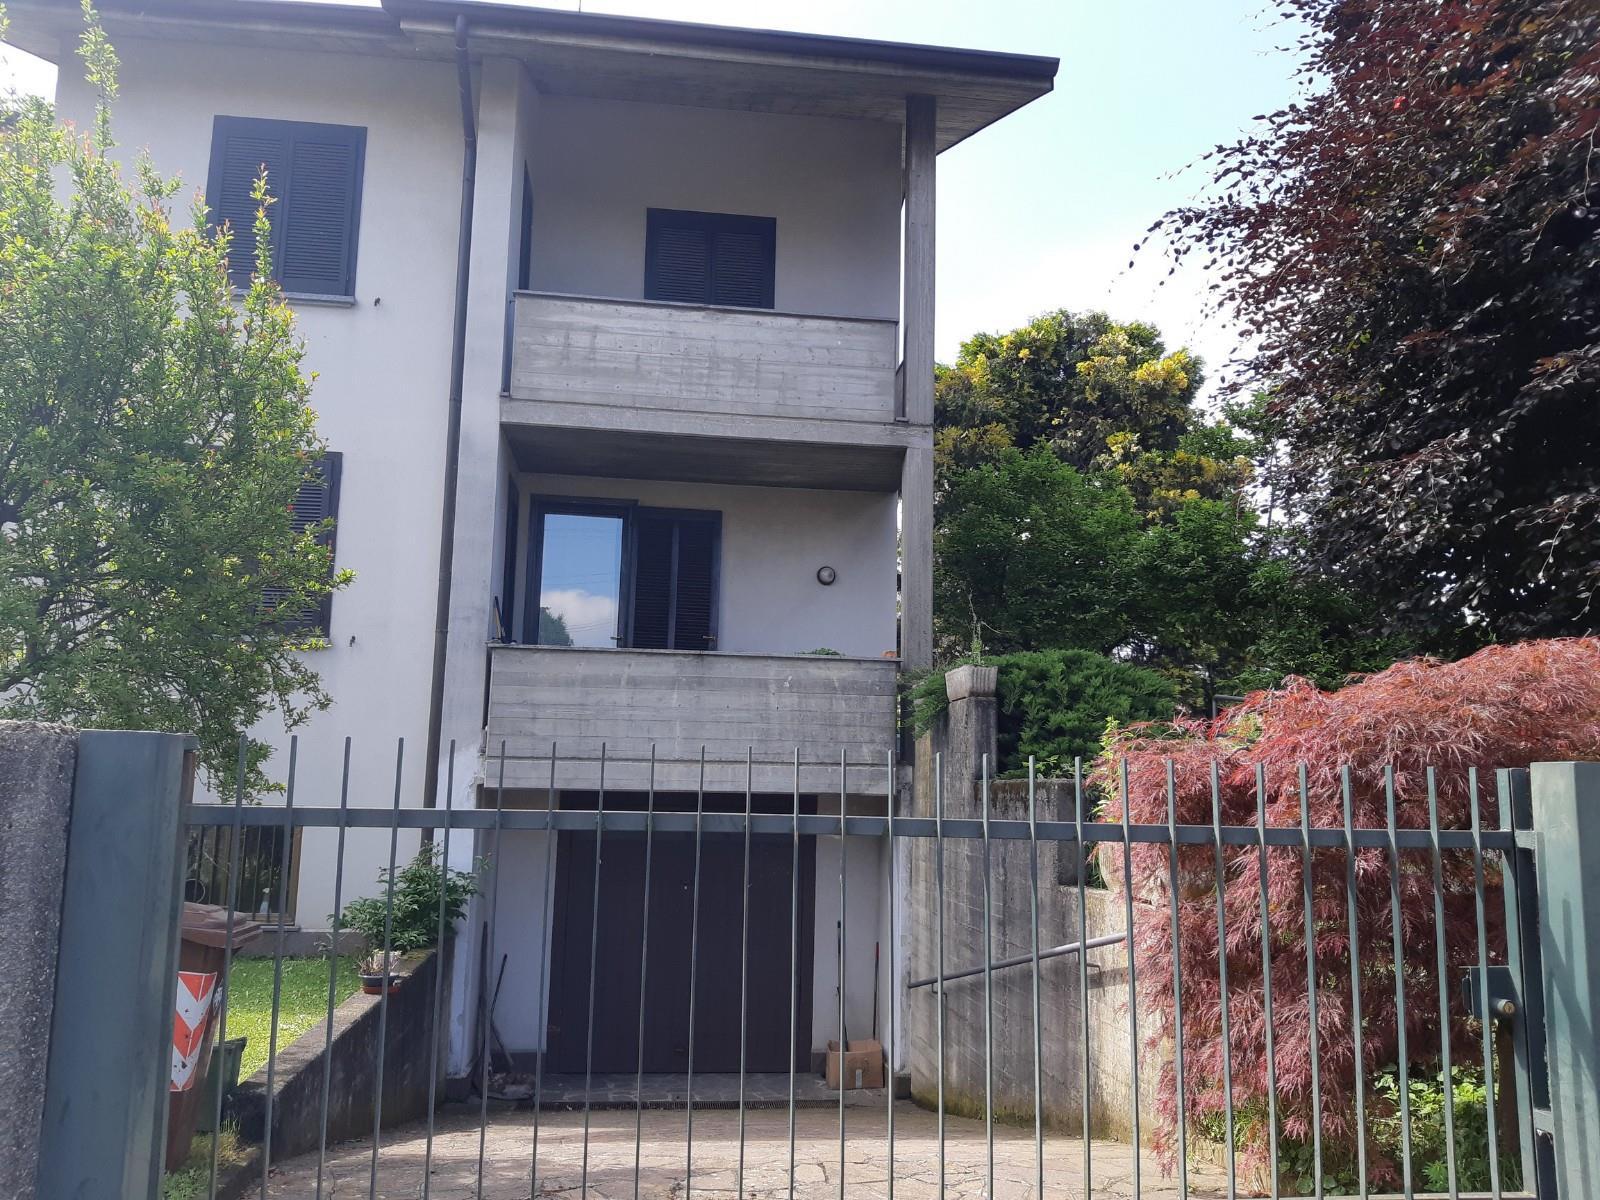 Foto 2 - Villa in Vendita - Sulbiate (Monza e Brianza)